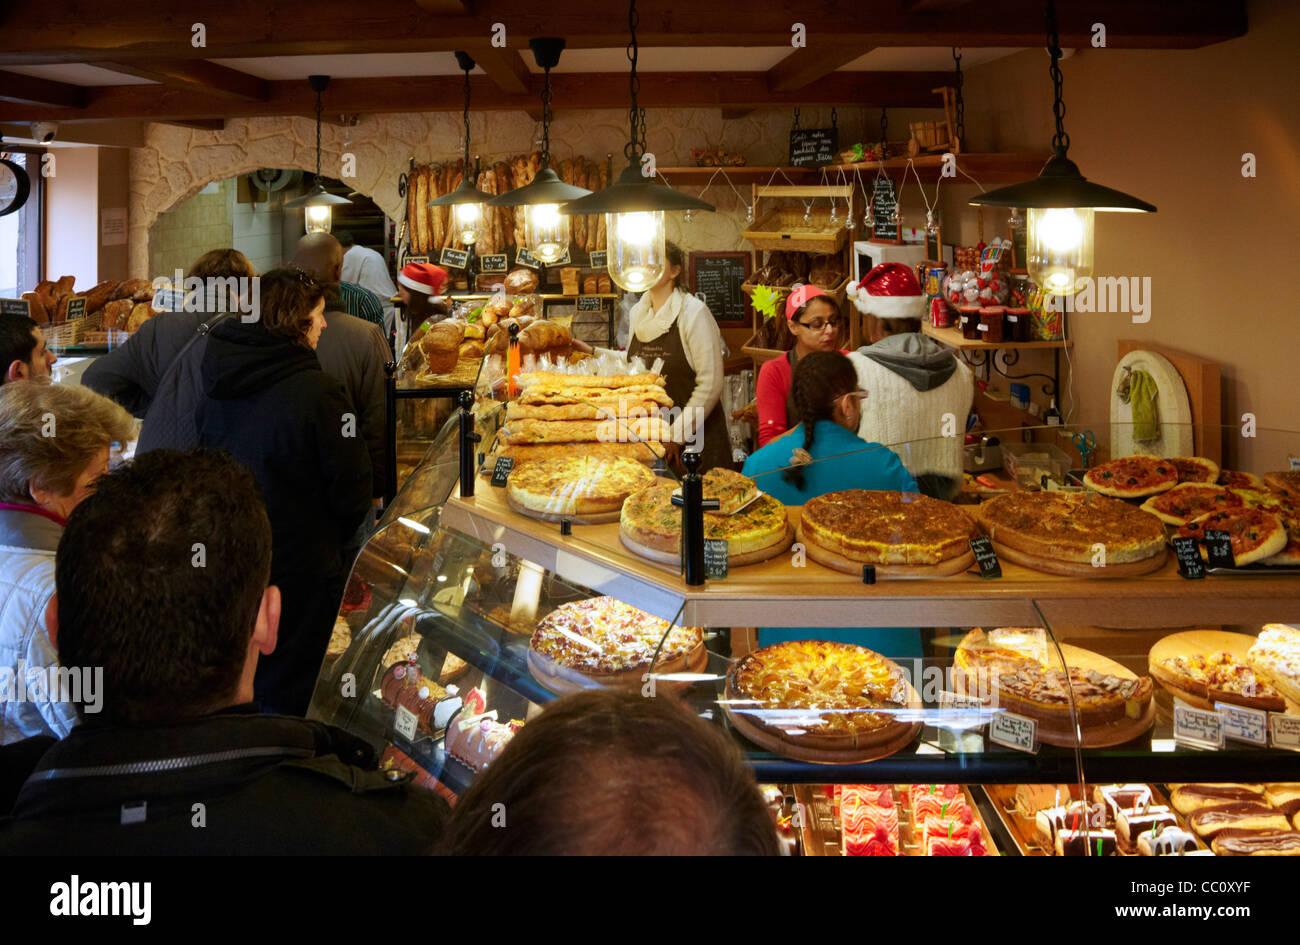 La veille de Noël dans la file d'Alexandra, une boulangerie boulangerie populaires dans la banlieue de Photo Stock